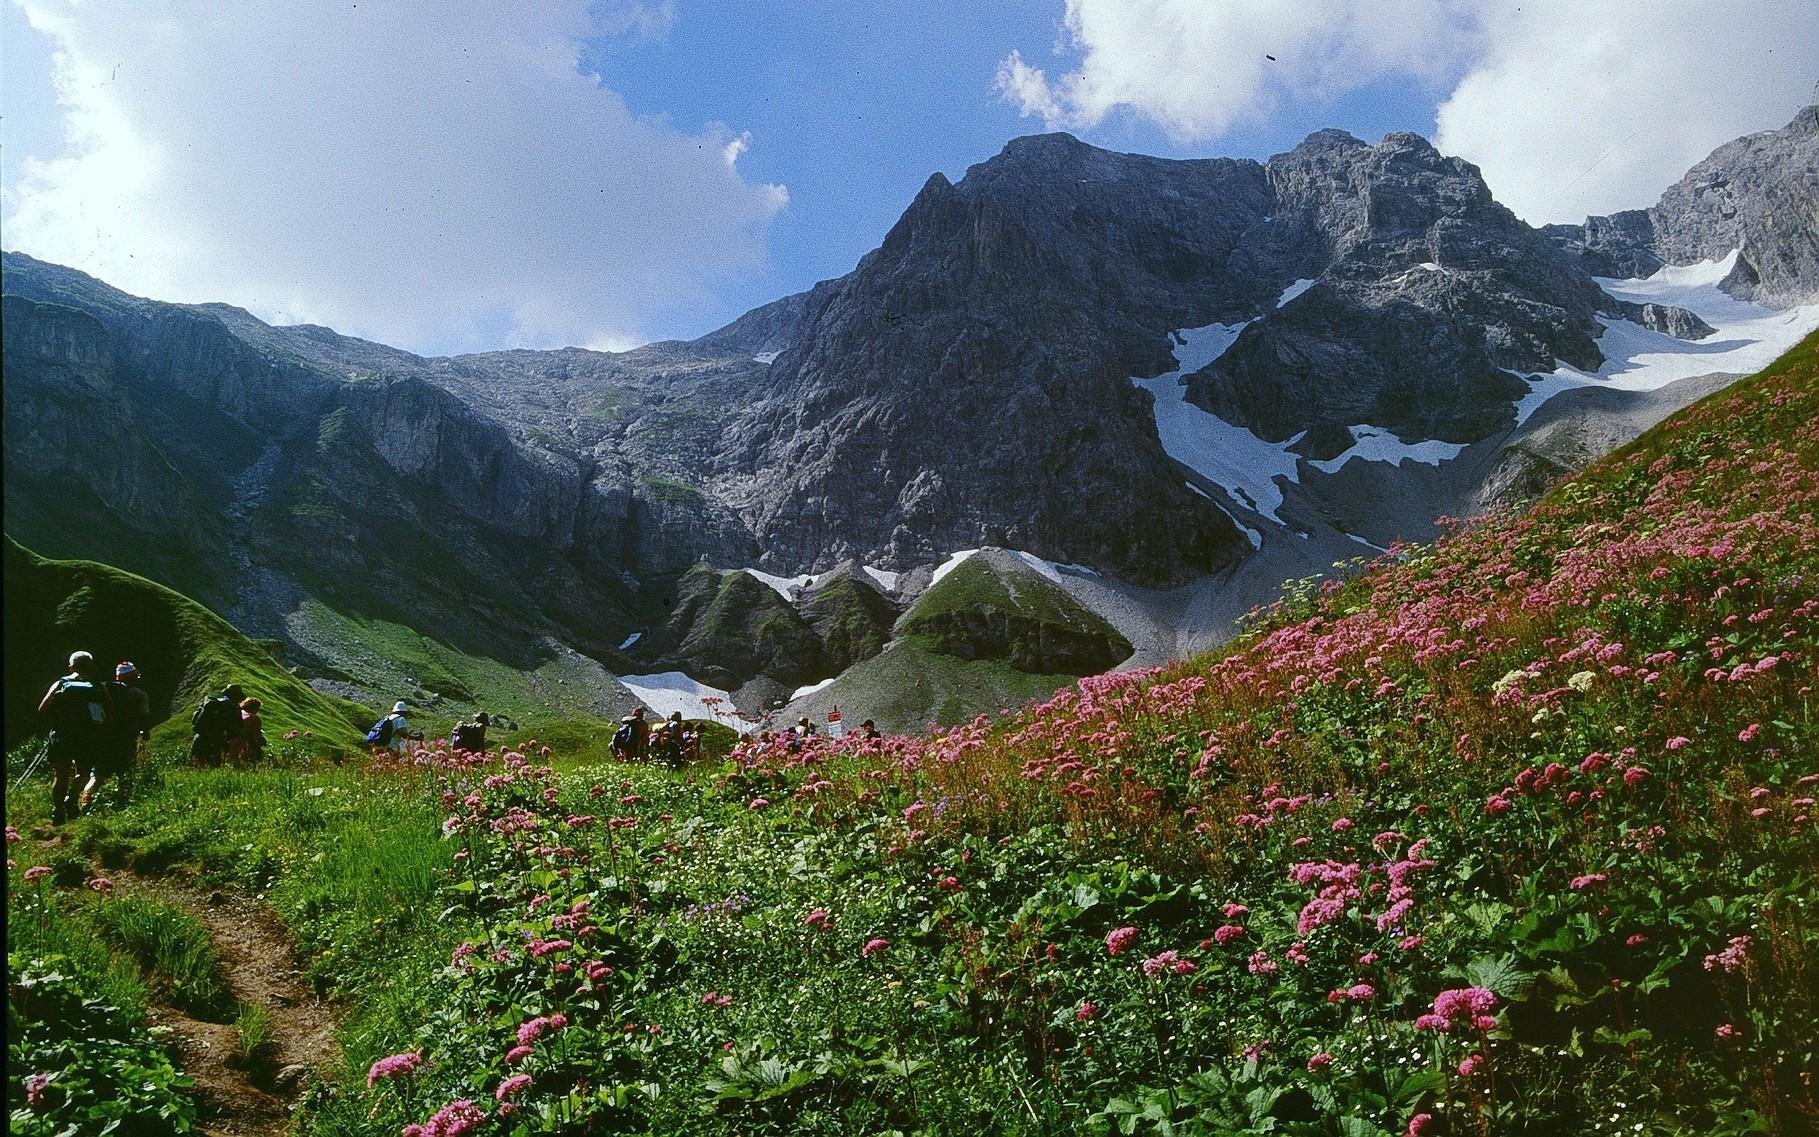 Im Gebiet der Hochgletscheralp - Braunarlspitze mit eingelagertem Gletscher